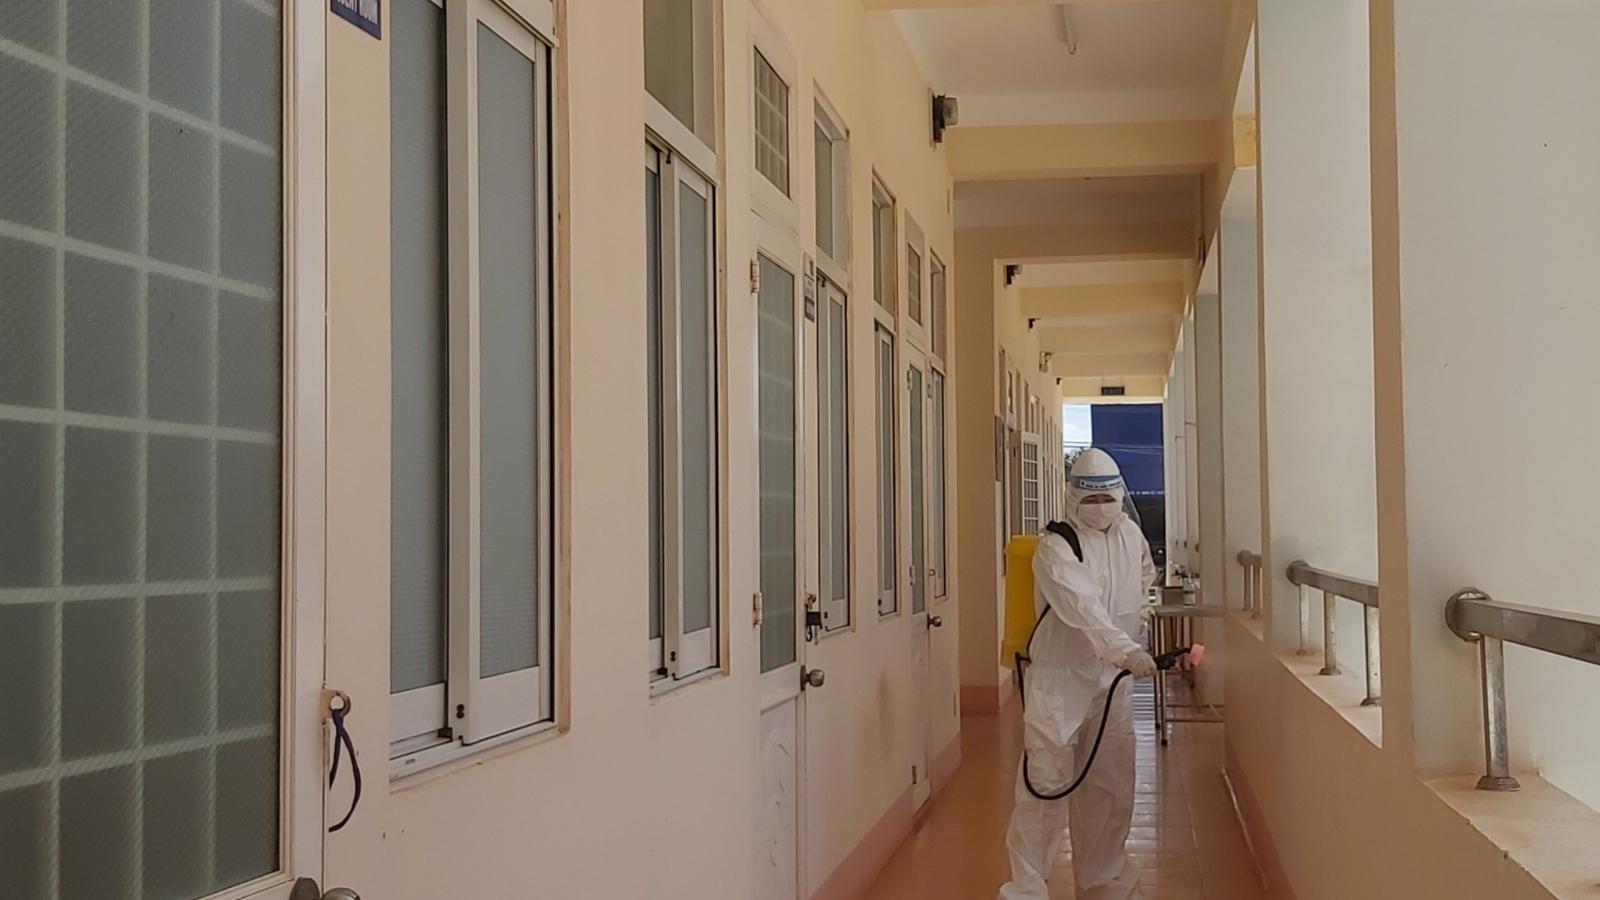 Đắk Lắk: Hai trường hợp F1 của ca bệnh 3404 đã có kết quả xét nghiệm âm tính lần 1